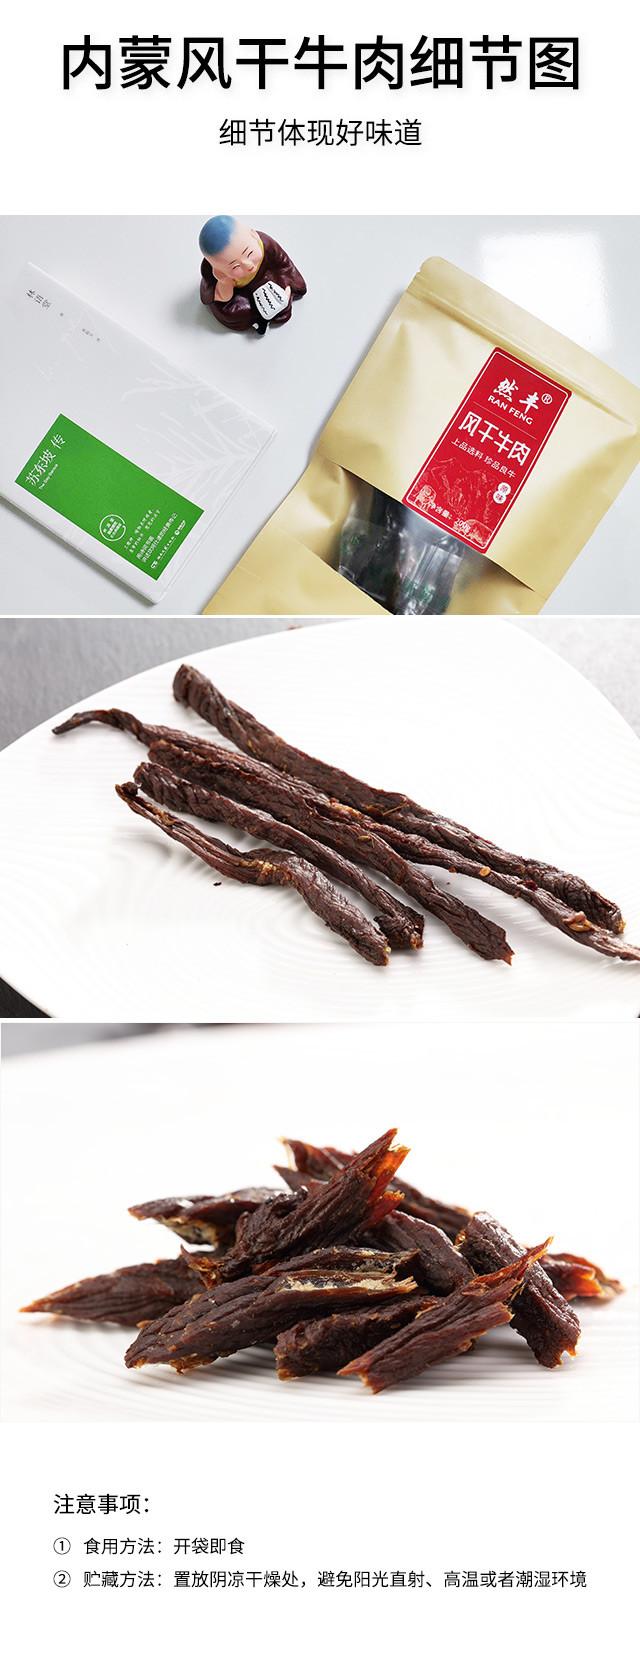 内蒙古风干牛肉干产品详情页_09.jpg